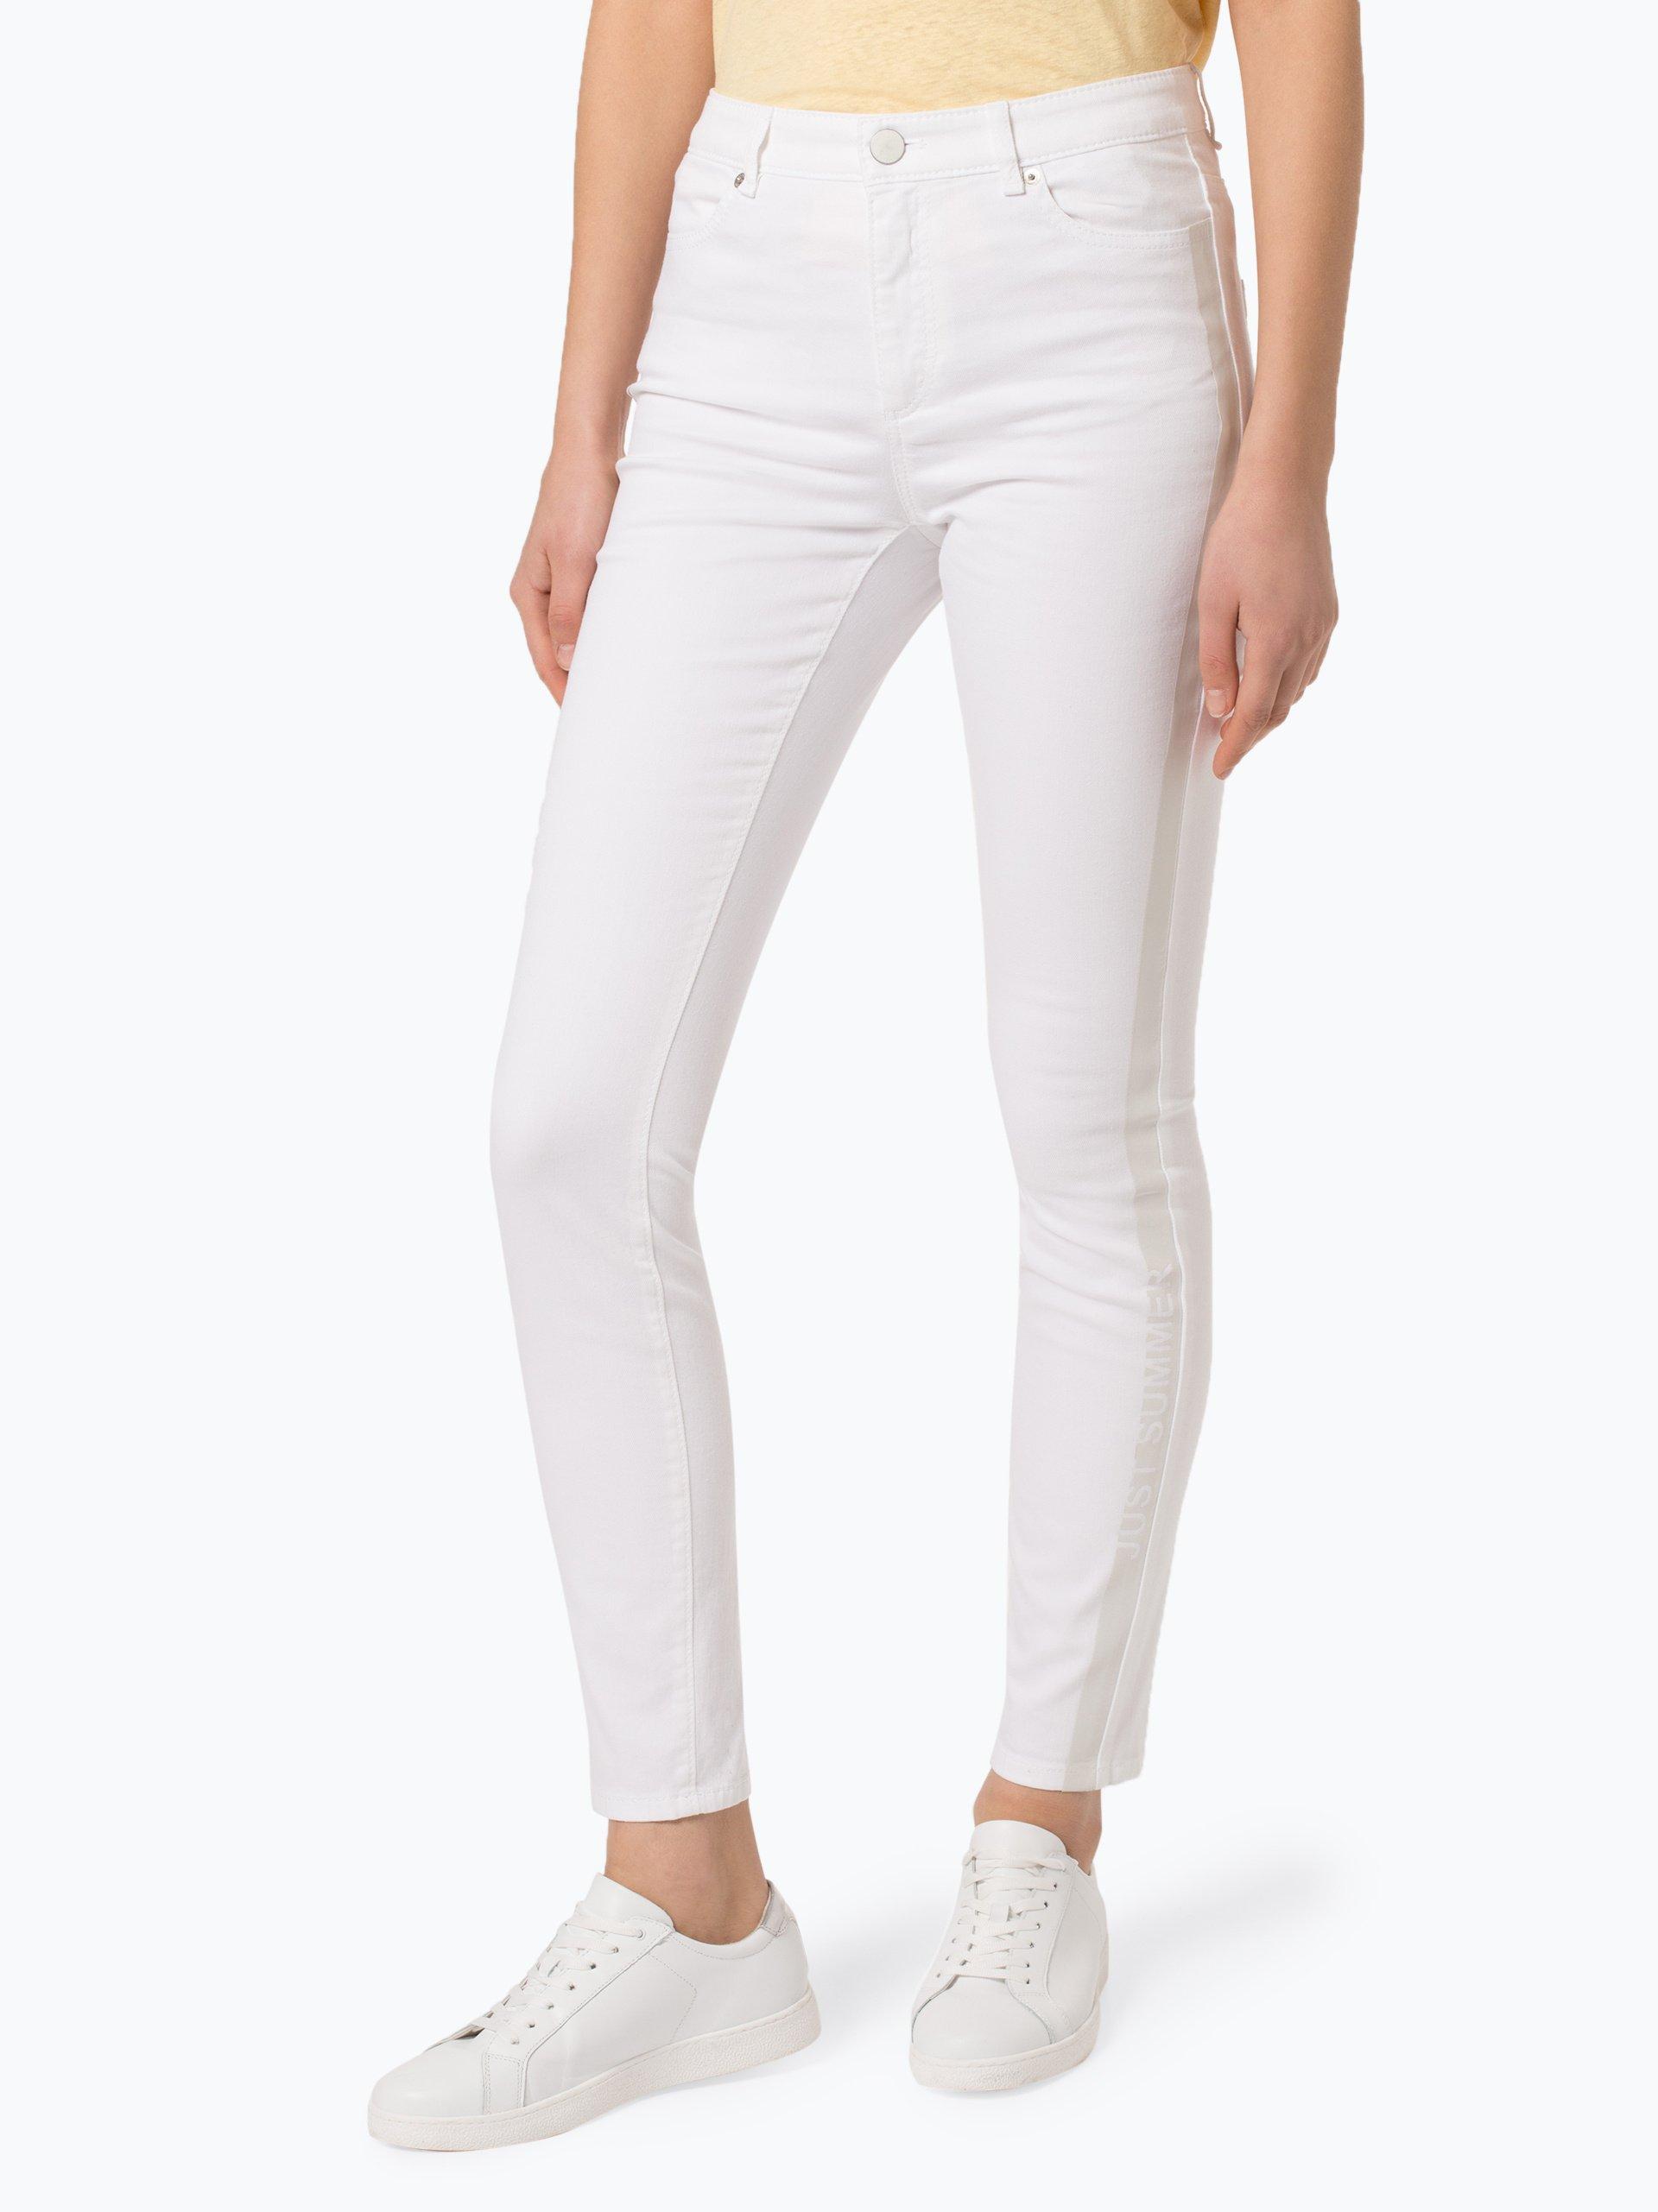 Marc Cain Sports Damen Jeans